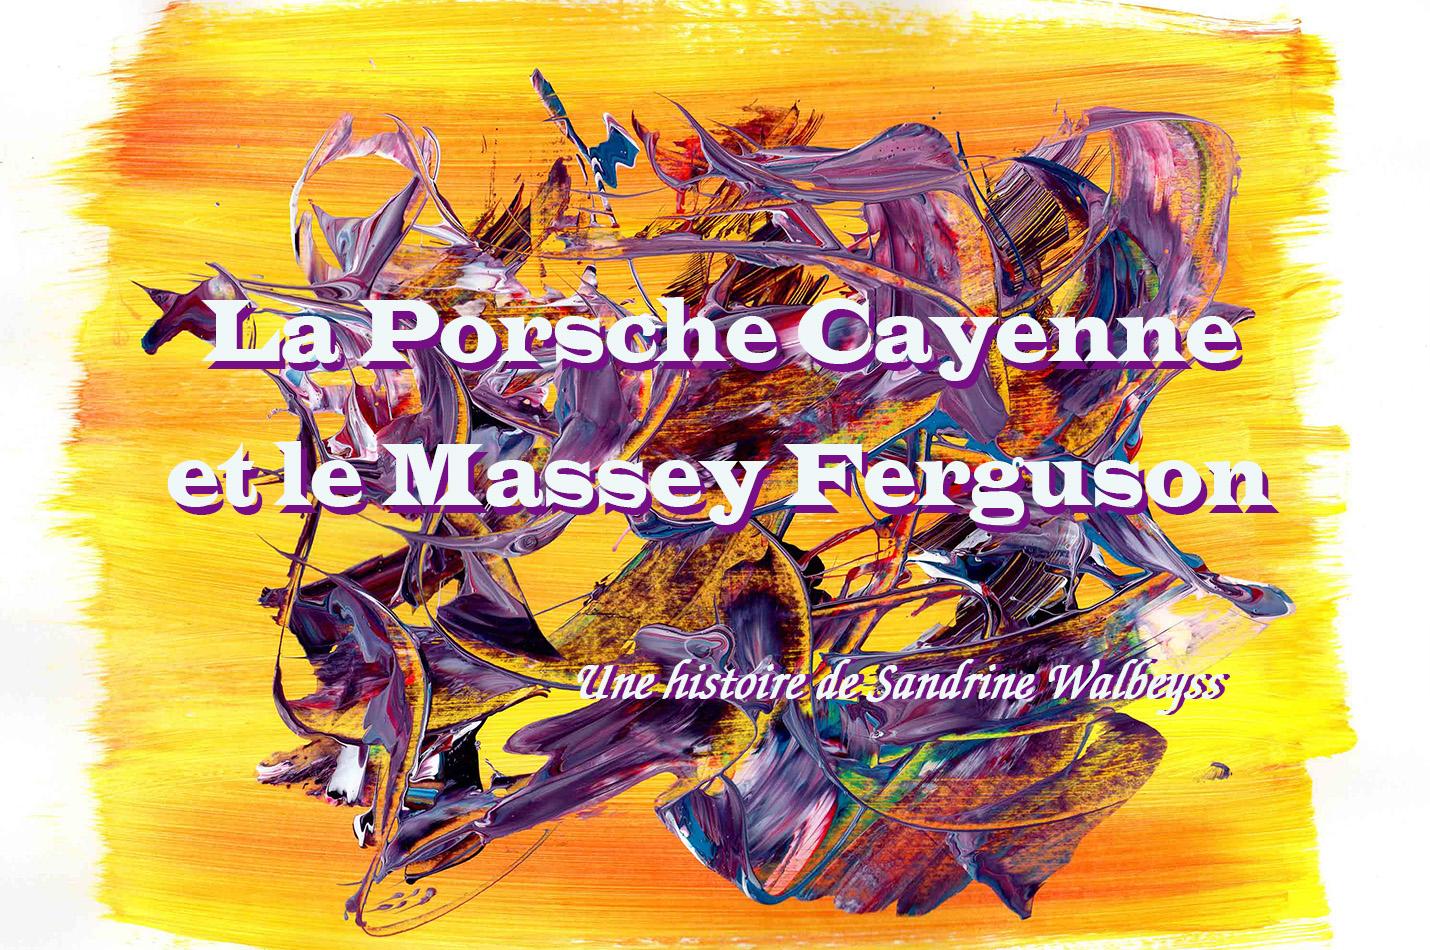 la porsche cayenne et le massey ferguson, une histoire de Sandrine Walbeyss